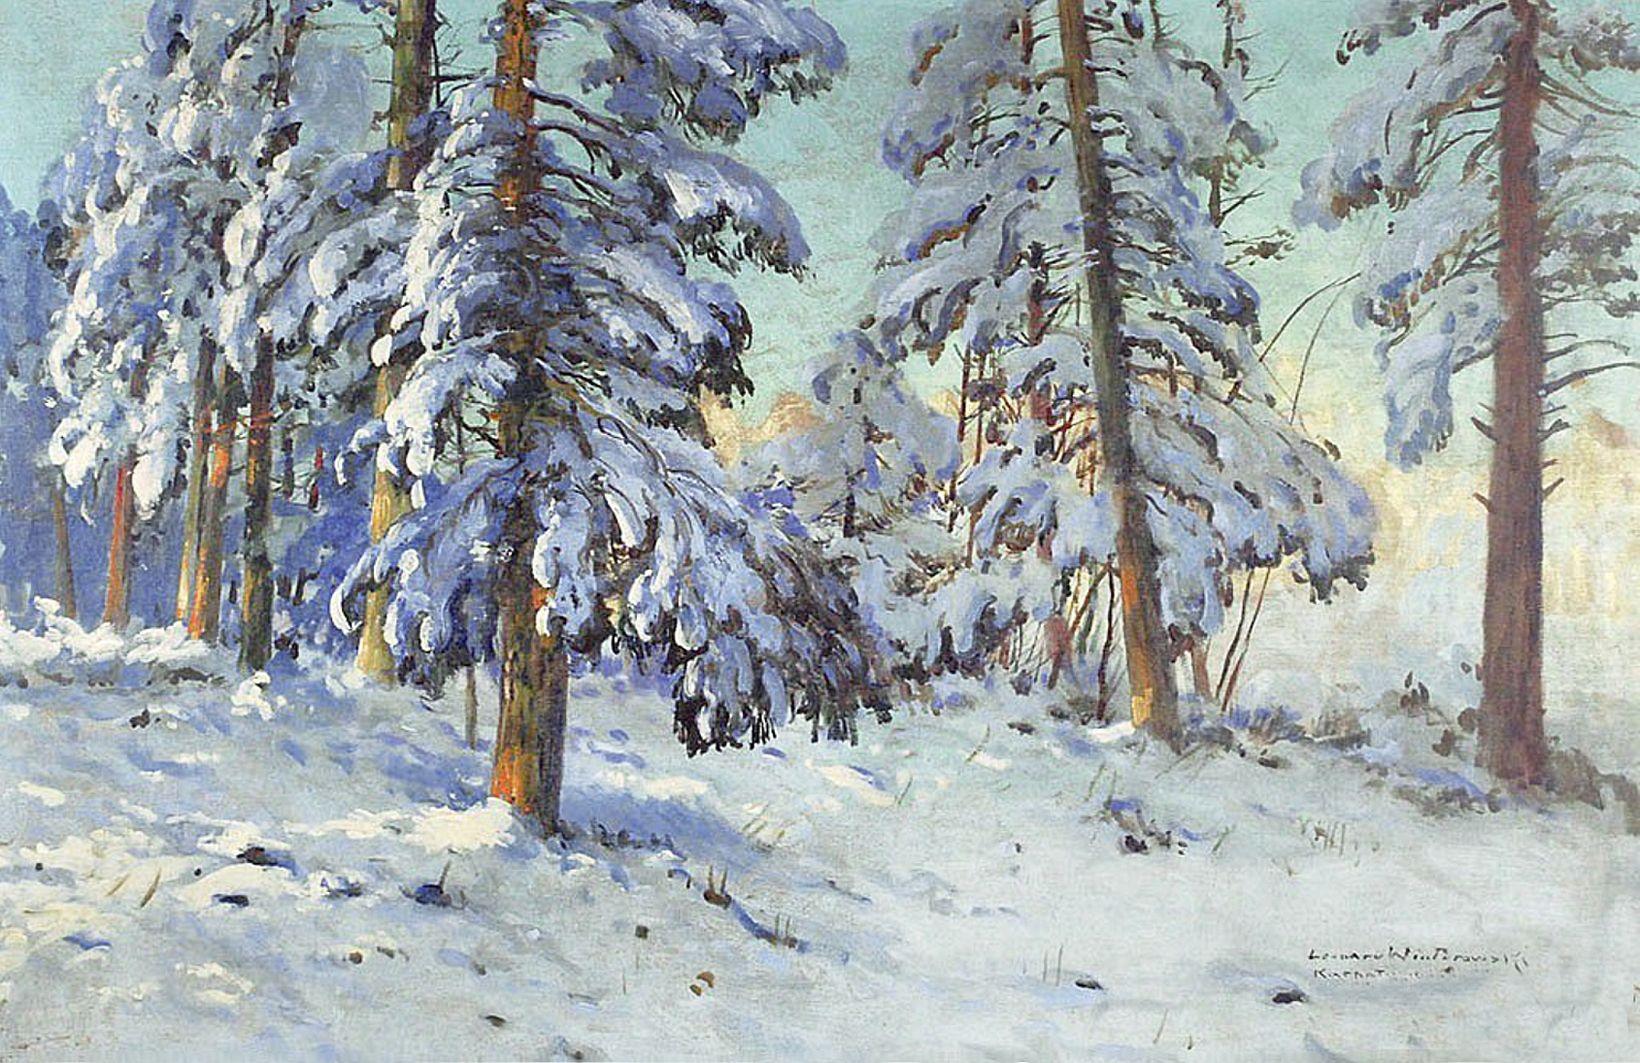 Леонард Вінтеровський. Зима в Карпатах, 1916; олія, полотно